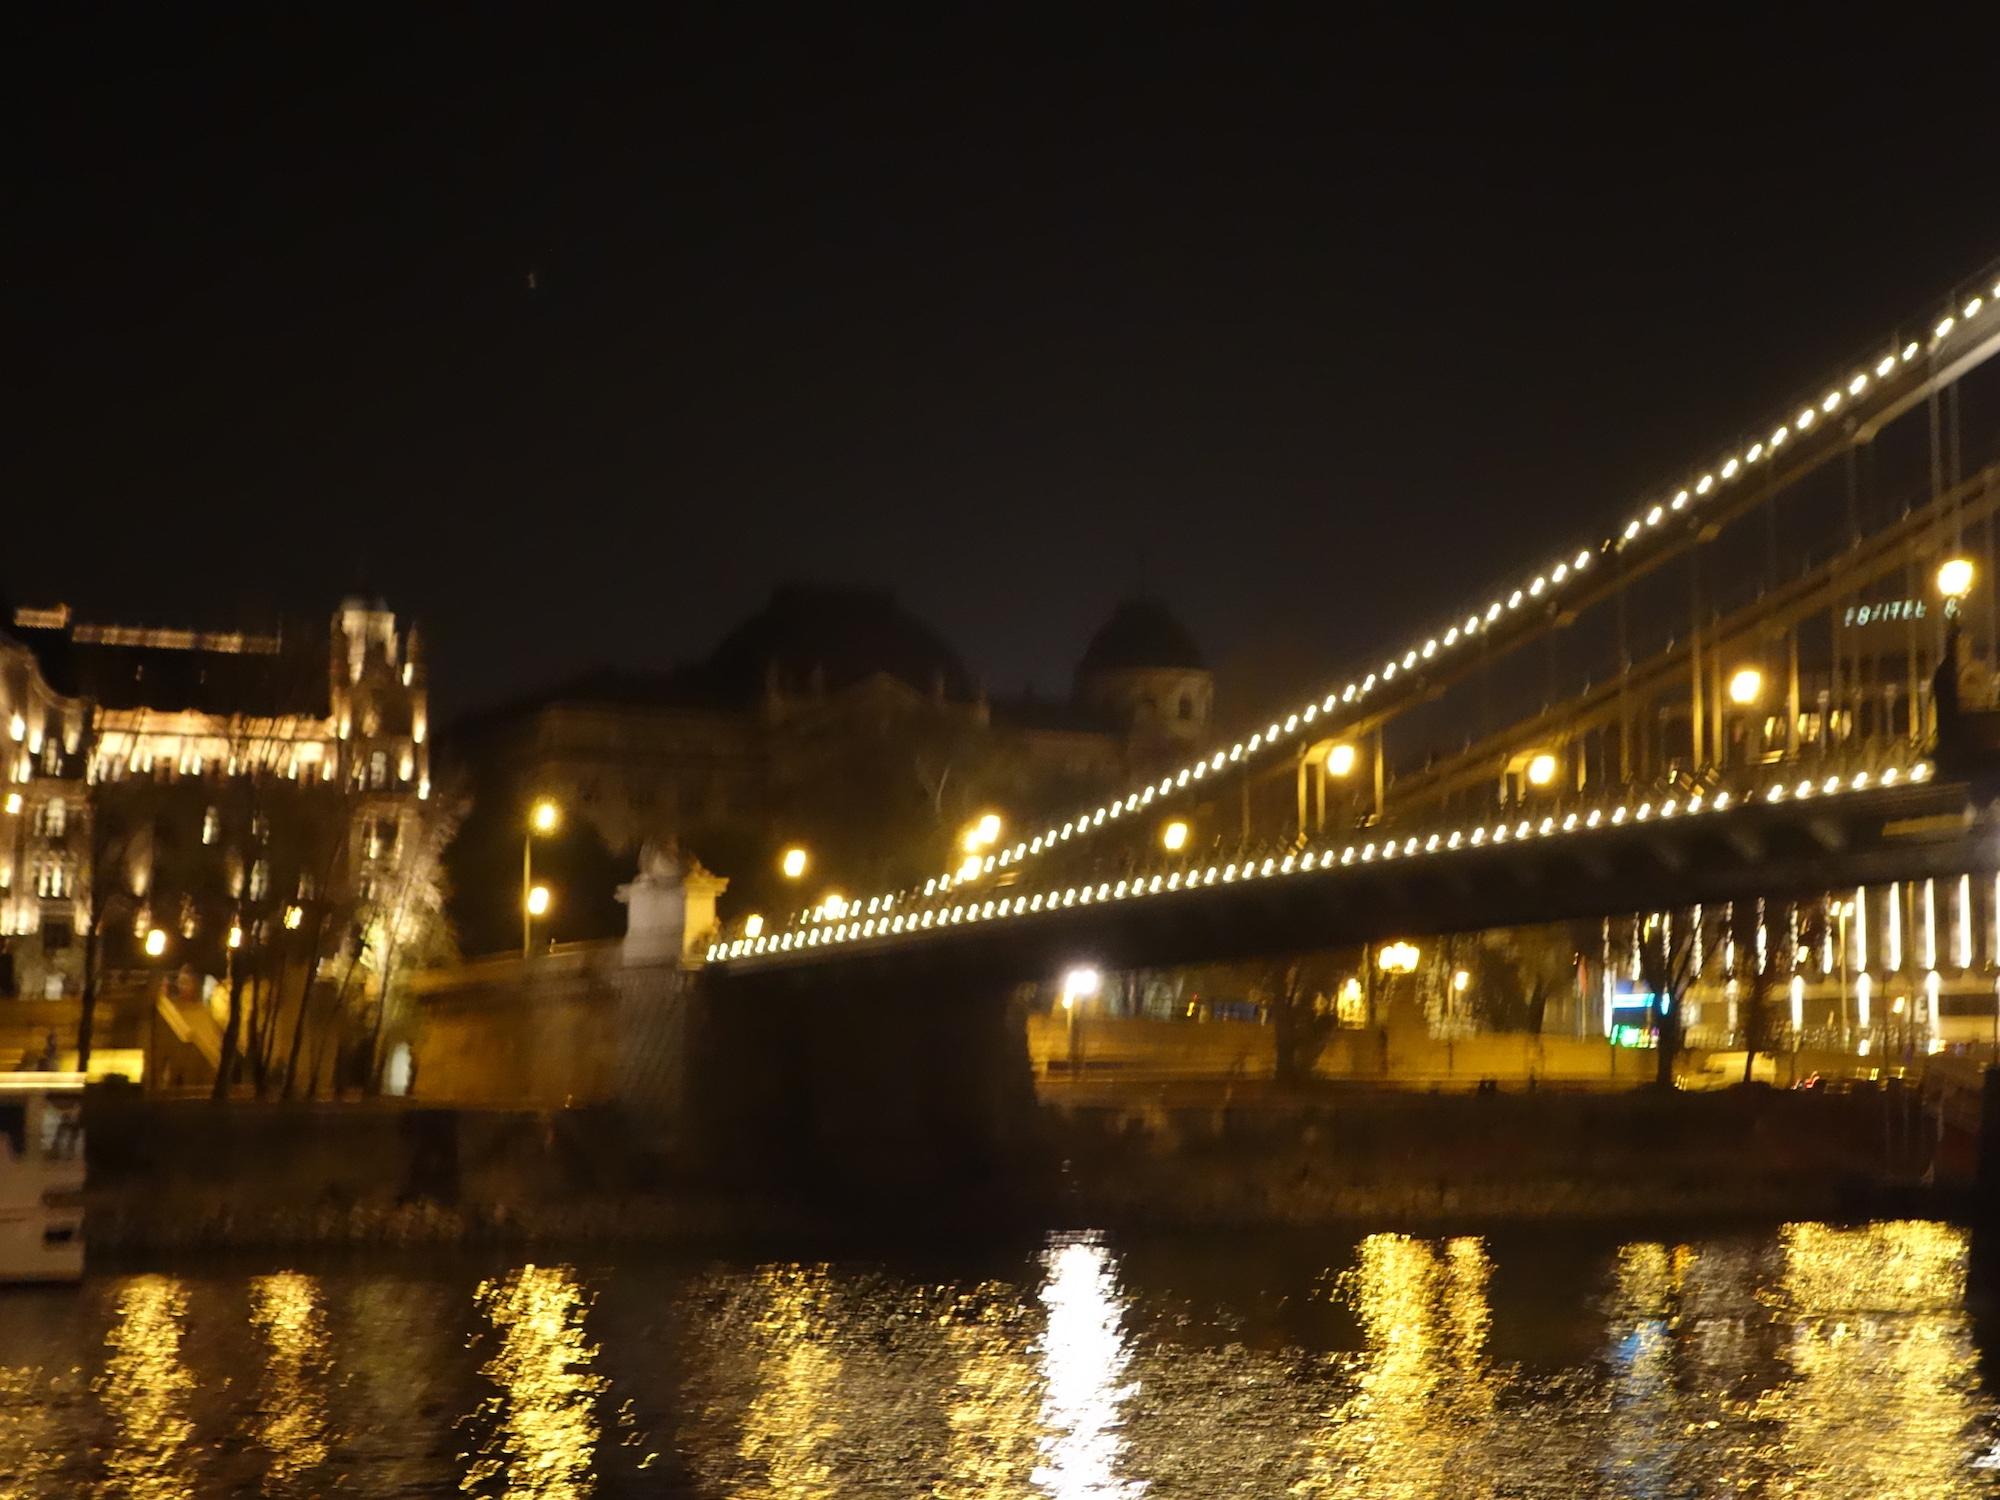 Carole_Glauber_Budapest.jpg